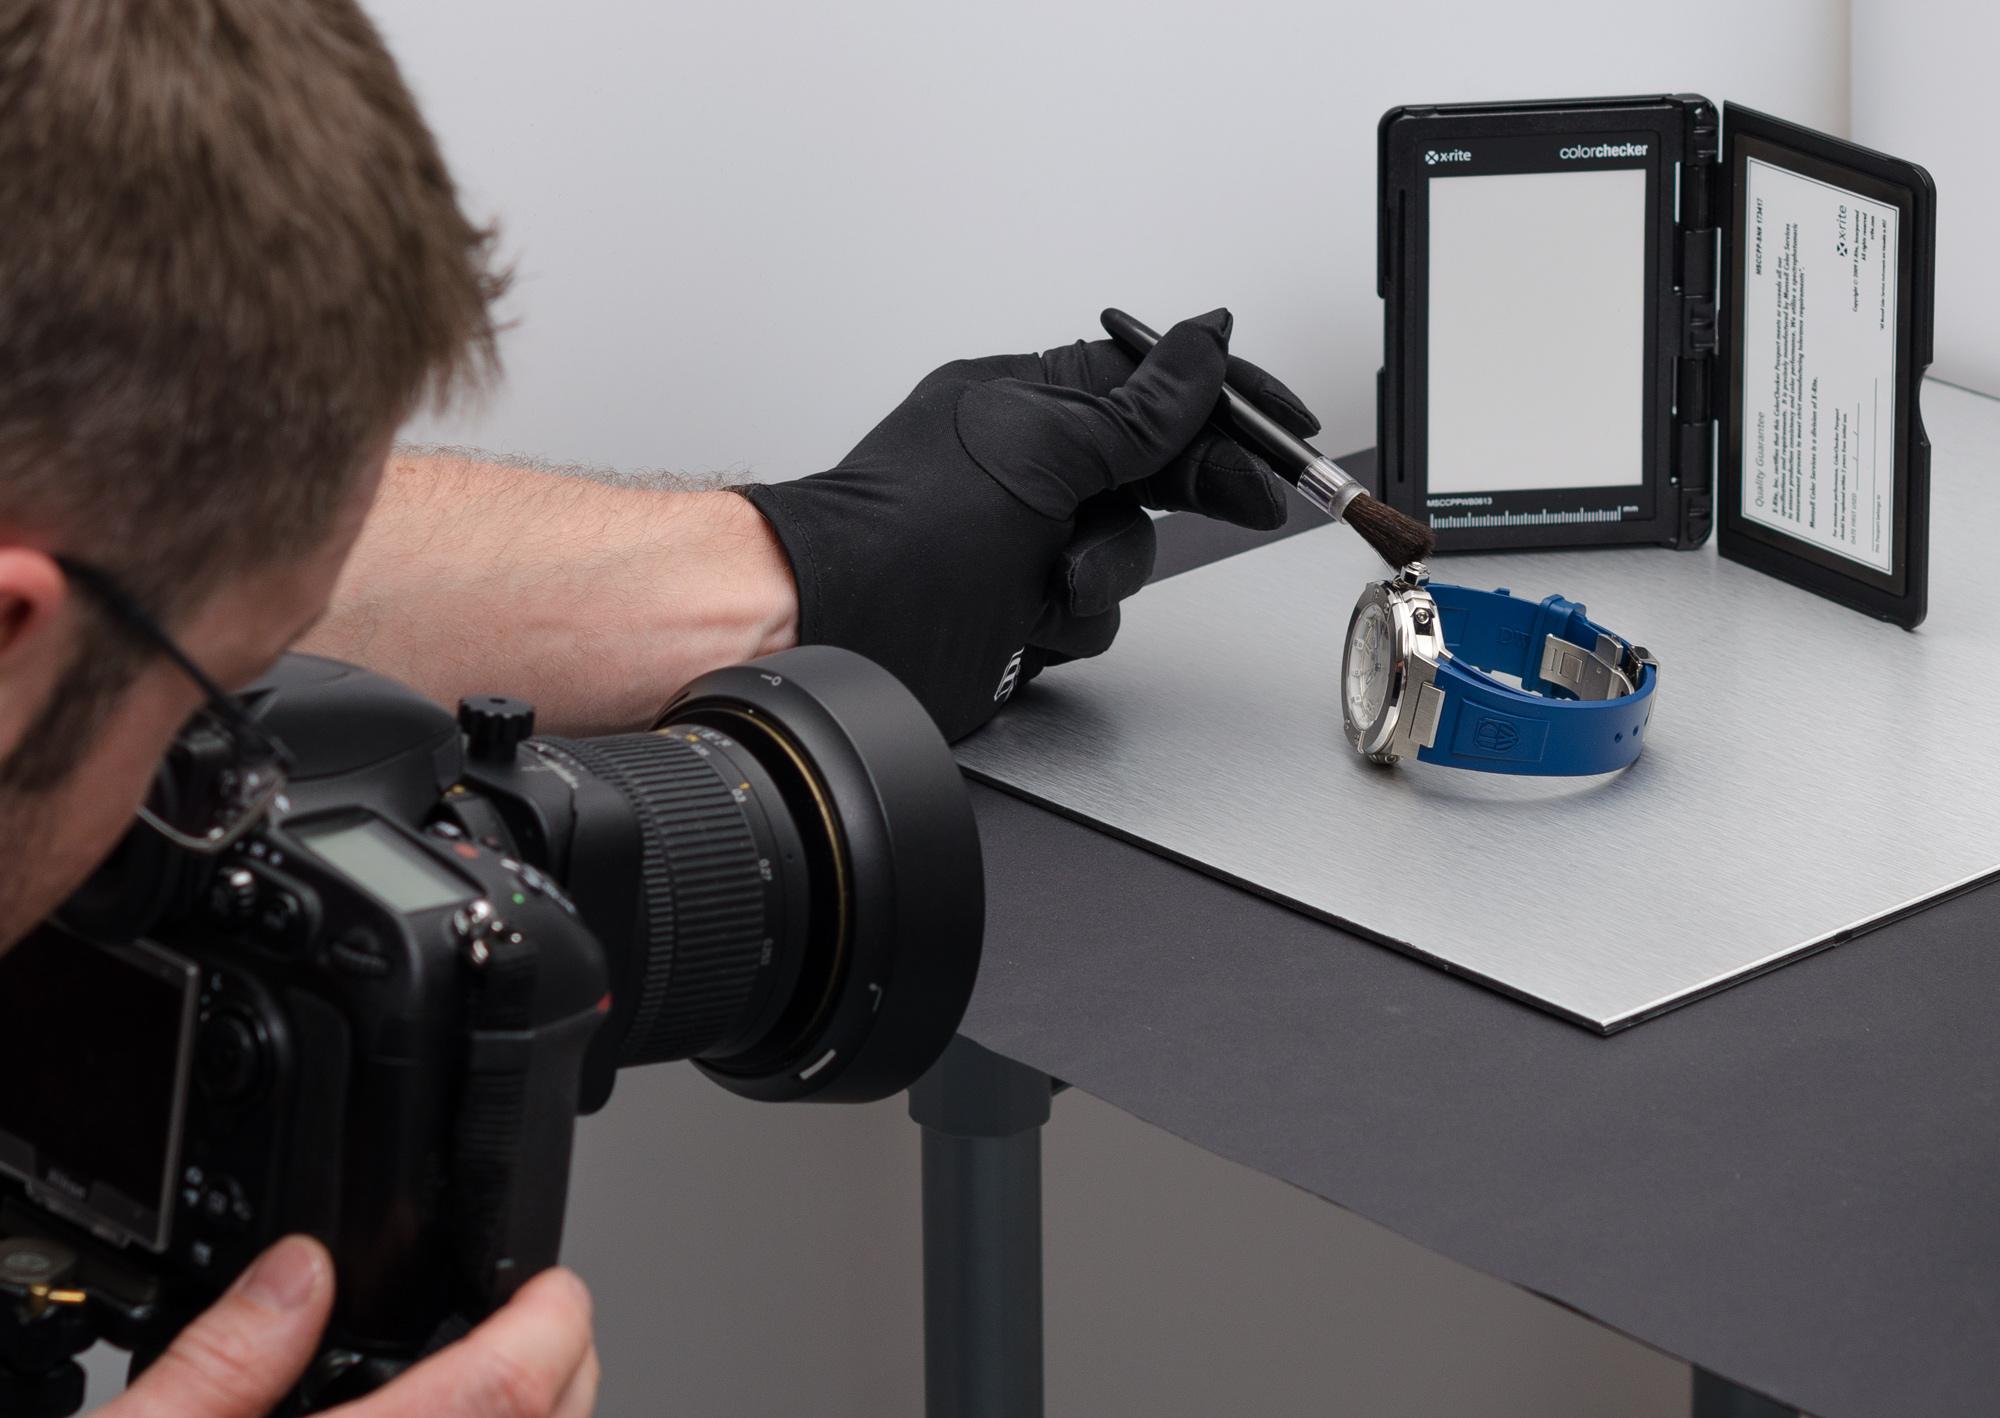 Pri tomto zábere je ciferník hodiniek natočený pod určitým uhlom. Preto je potrebné použiť tilt-shift objektív, pomocou ktorého udržíme požadovanú hĺbku ostrosti. Všimnite si aj X-Rite Color Checker Passport, ktorý mi umožní dosiahnuť farebnú vernosť avyvážiť skreslené farebné odtiene.